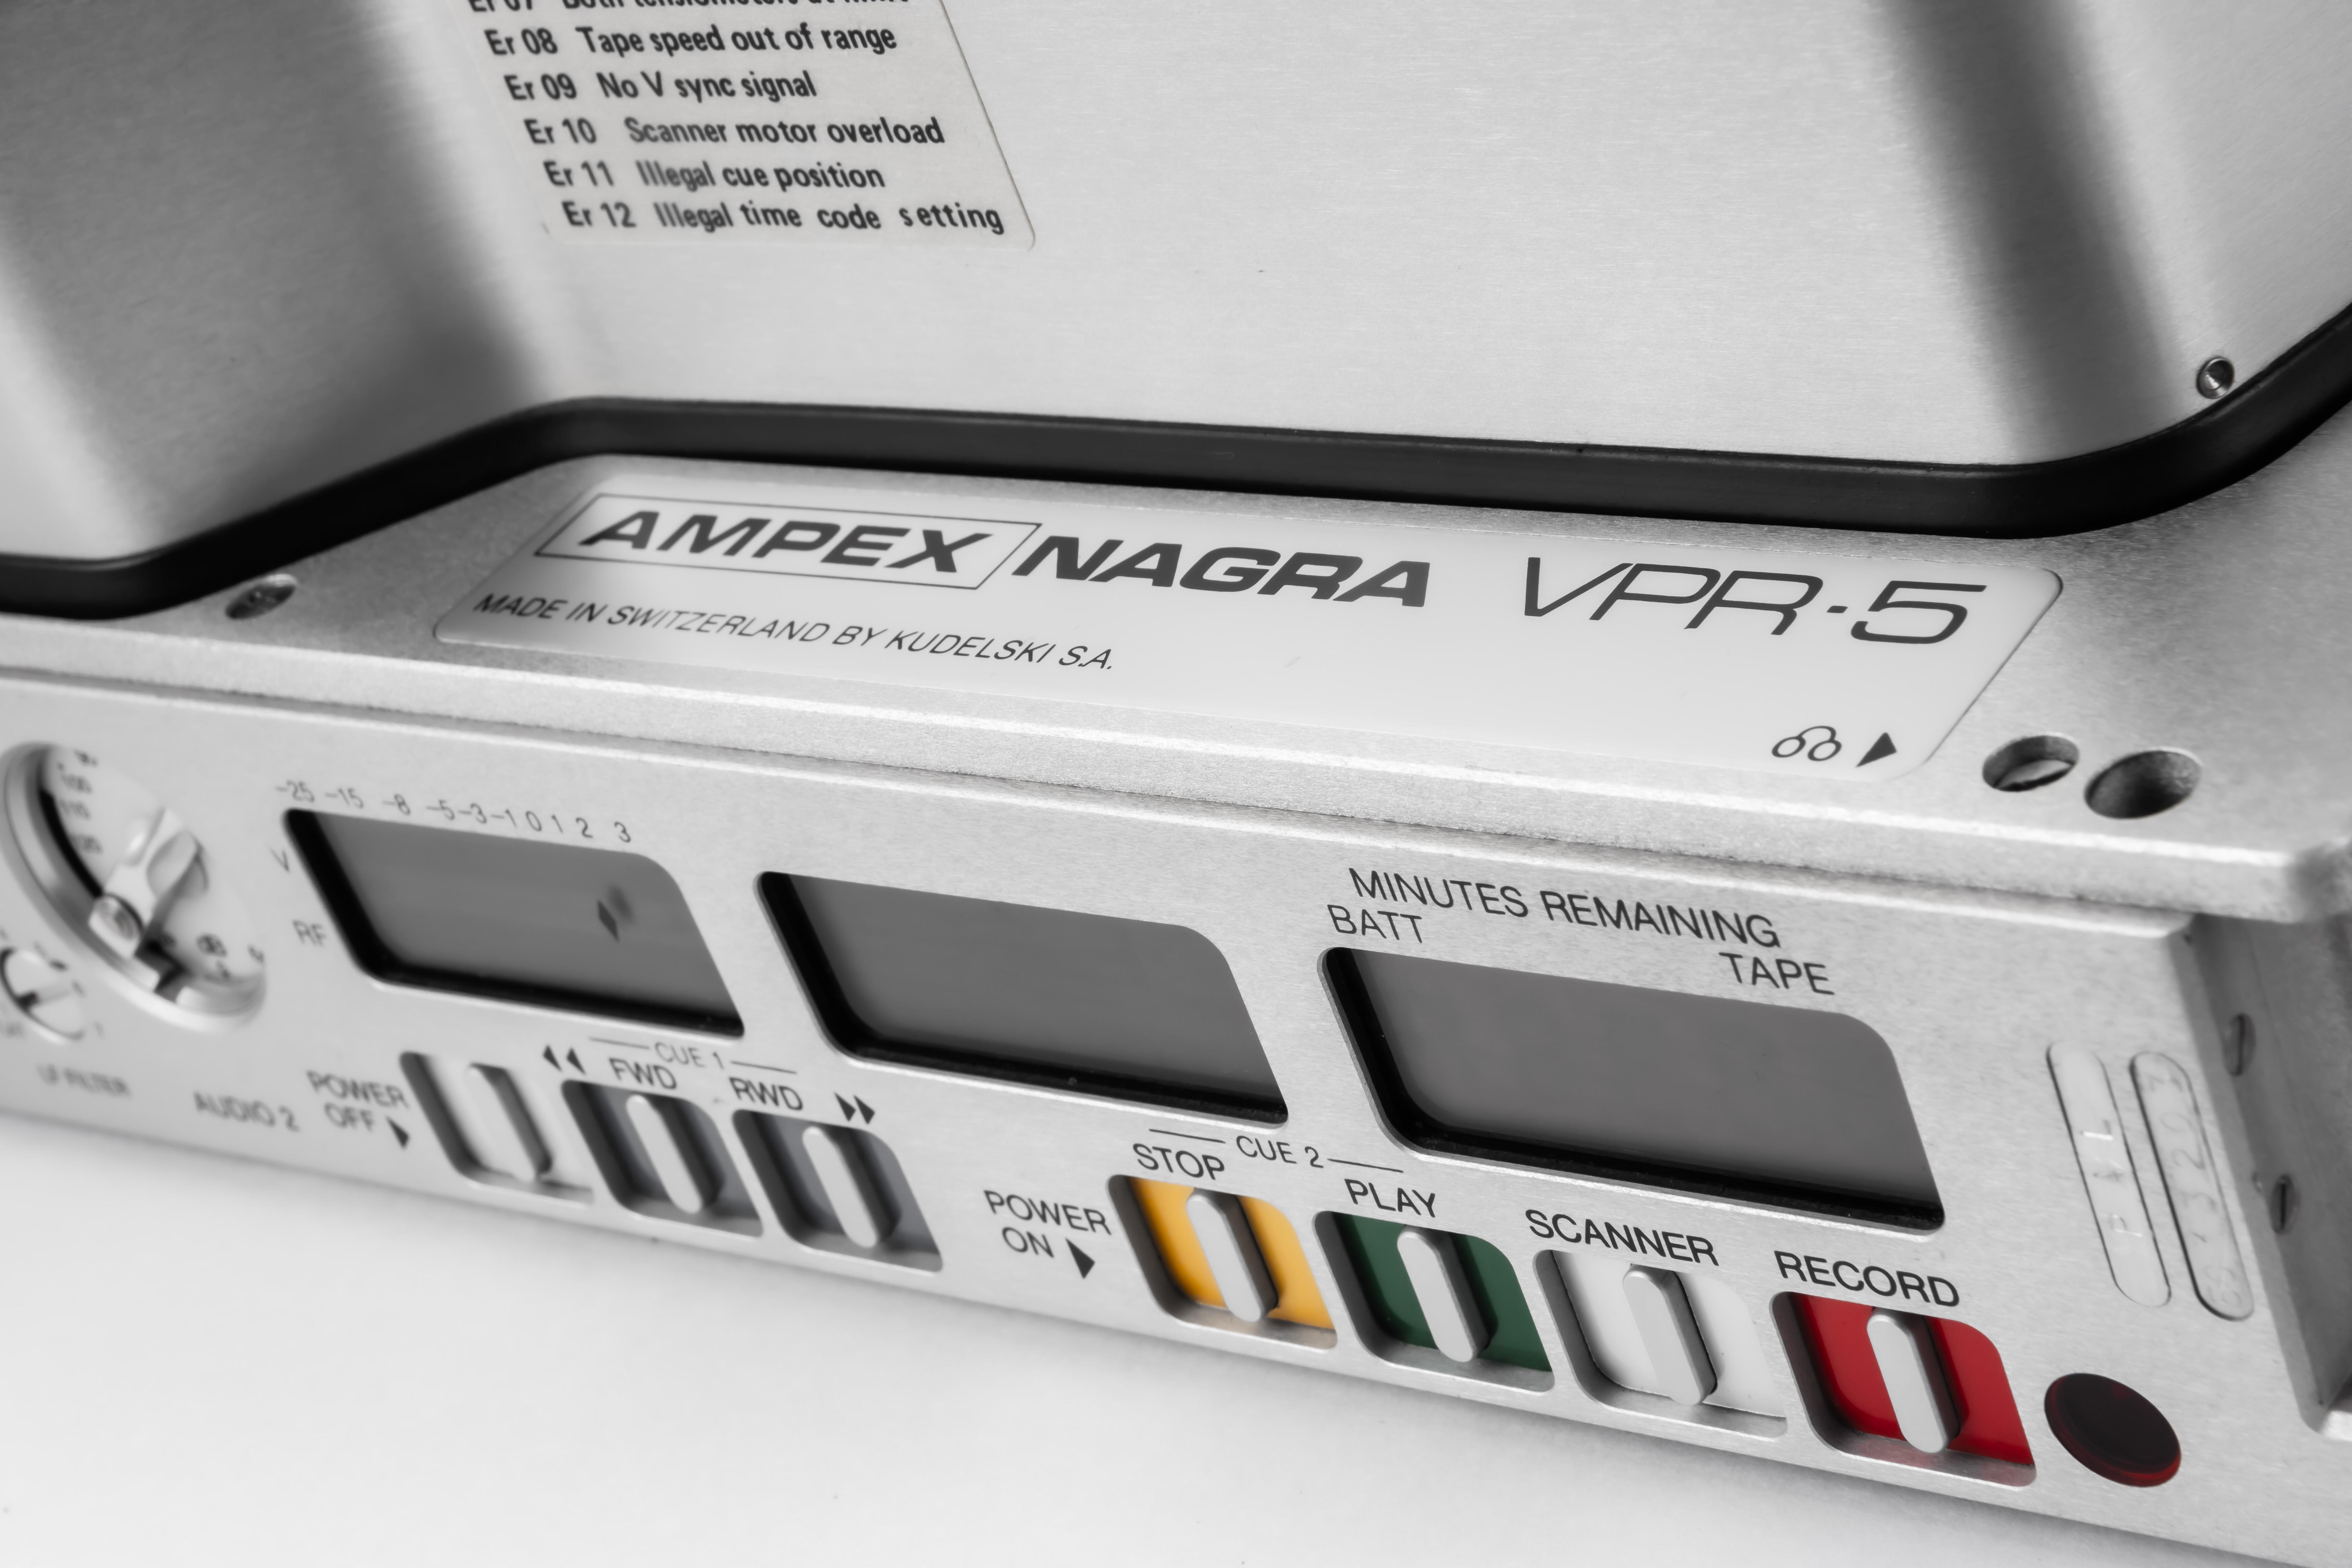 Ampax nagra VPR-5 - 10